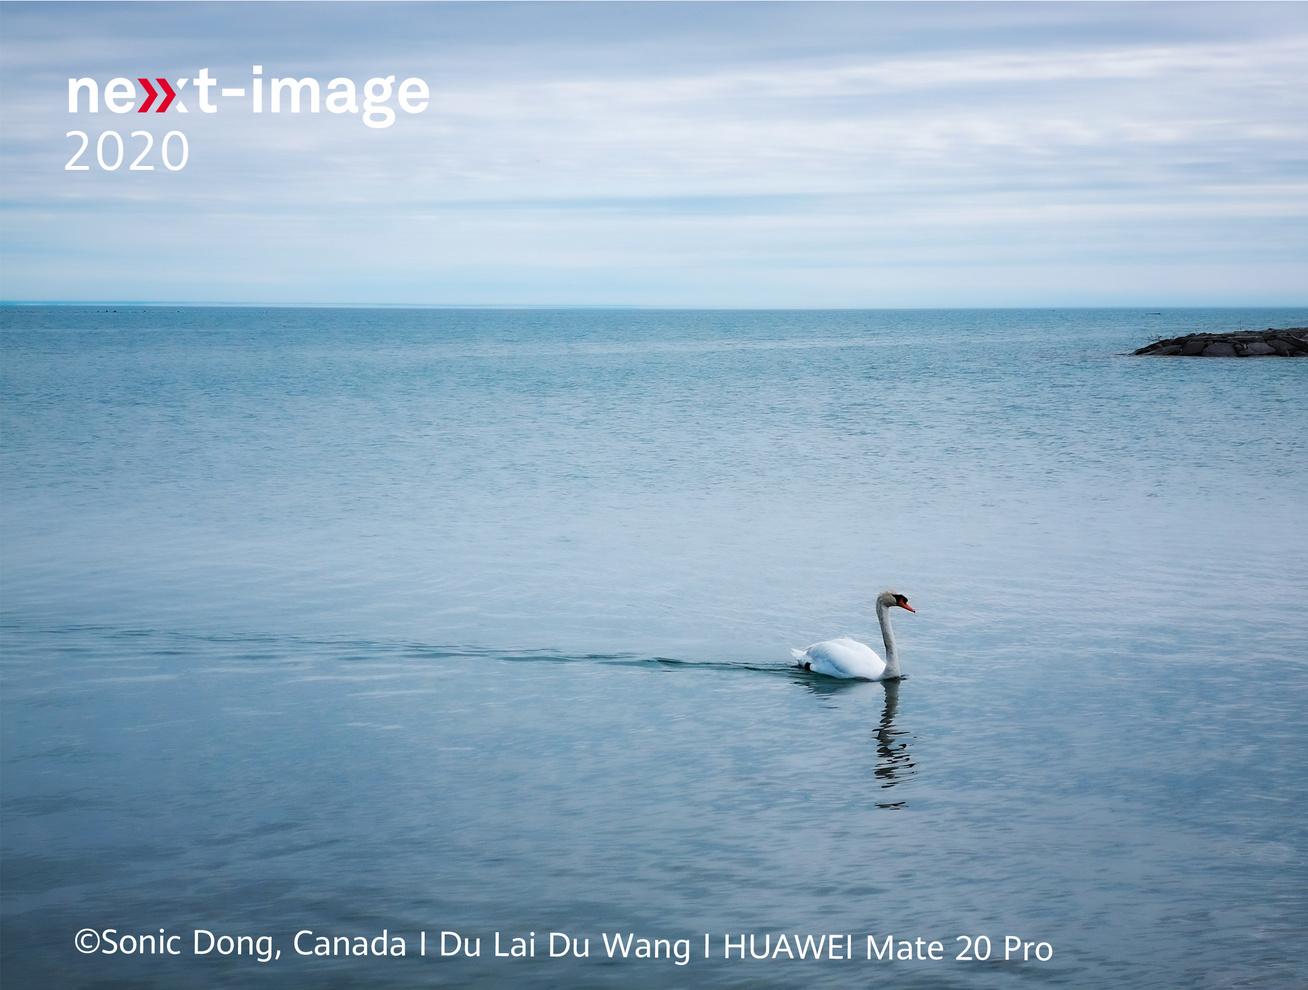 Sonic Dong, Canada I Du Lai Du Wang I HUAWEI Mate 20 Pro